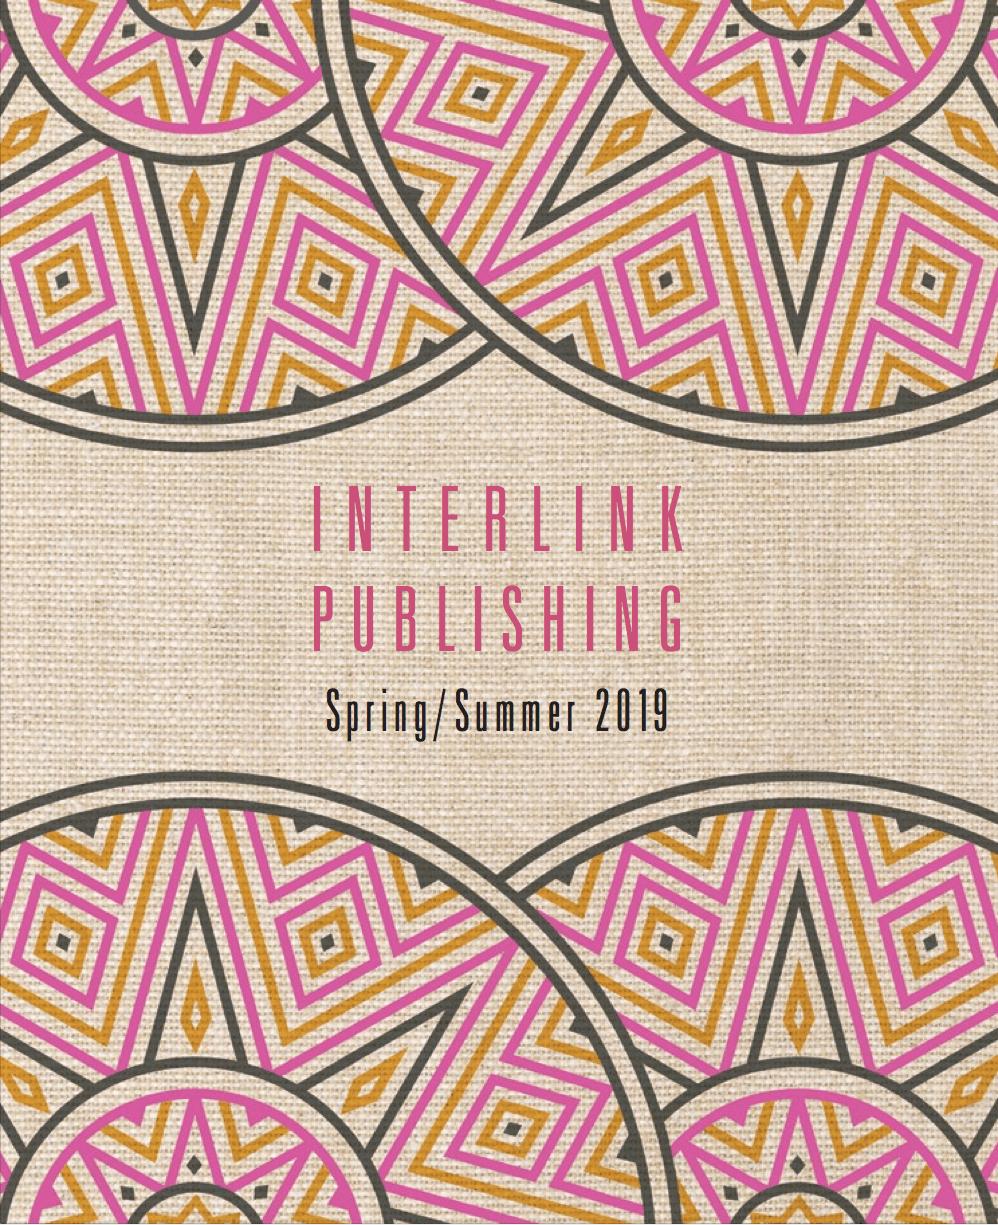 Spring/Summer 2019 Catalog